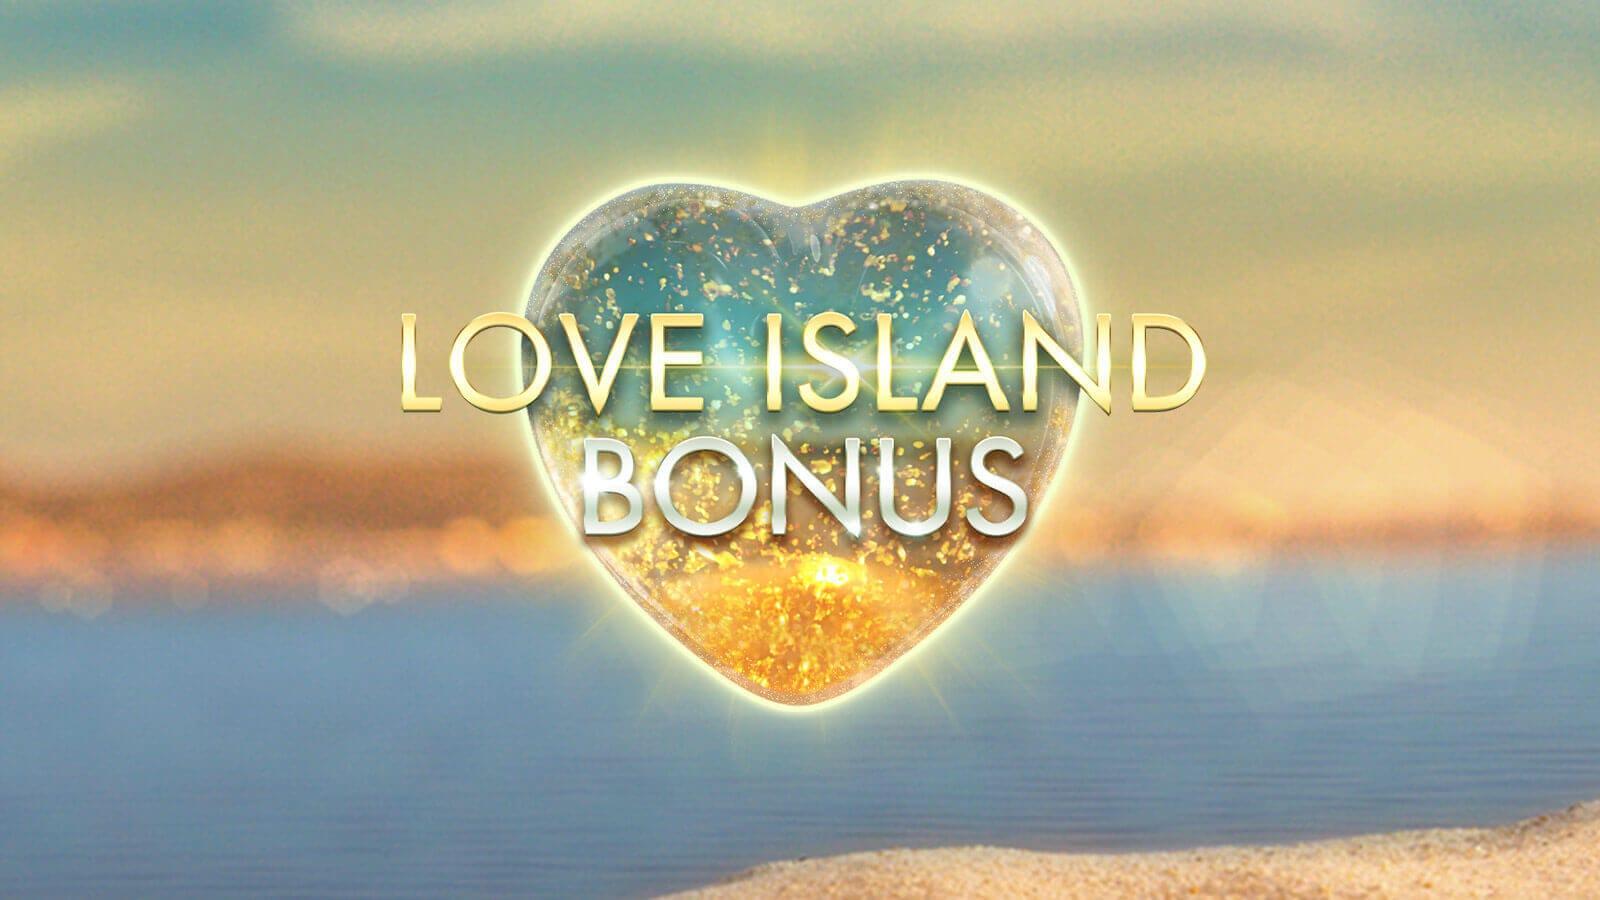 Love Island Bonus Slots Mega Reel